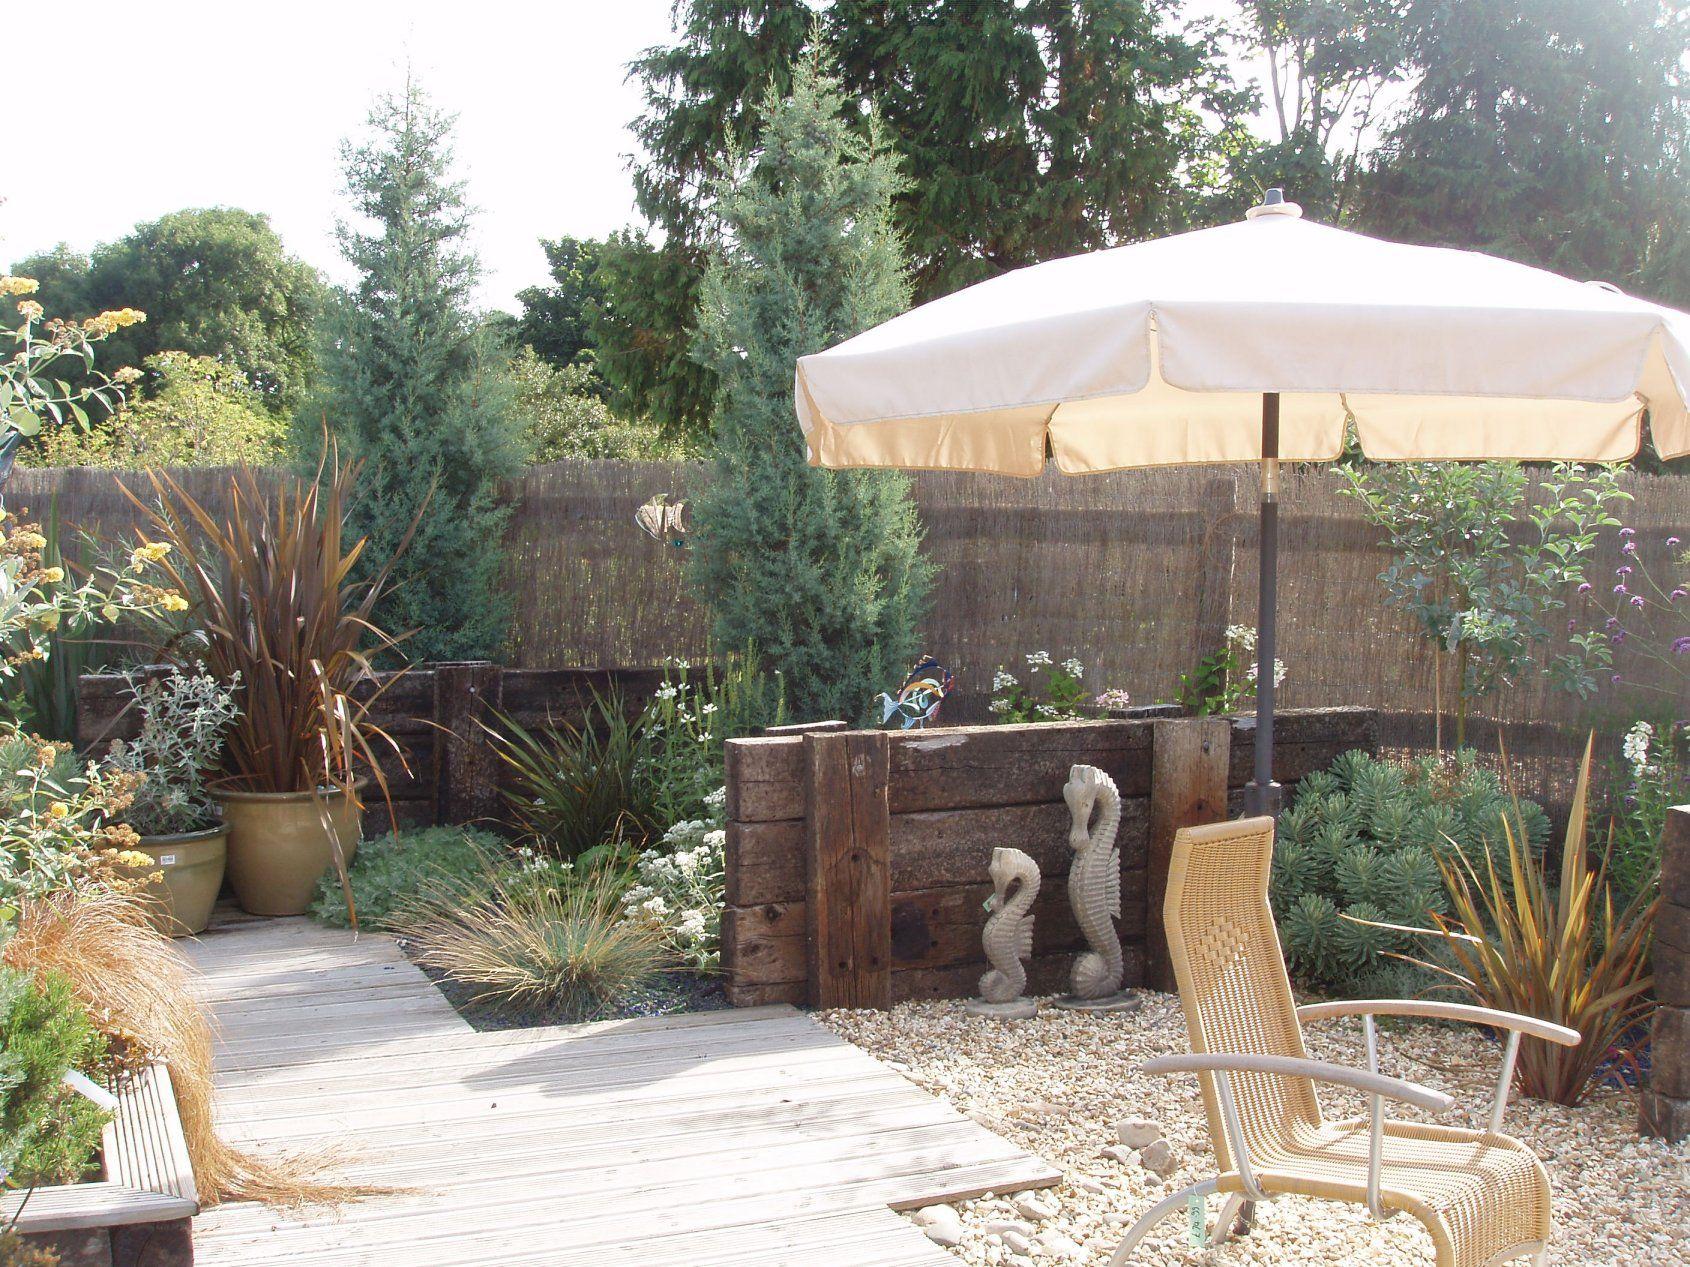 Nautical Themed Outside Garden Ideas Photograph | Nice, easy on Coastal Backyard Ideas id=38837